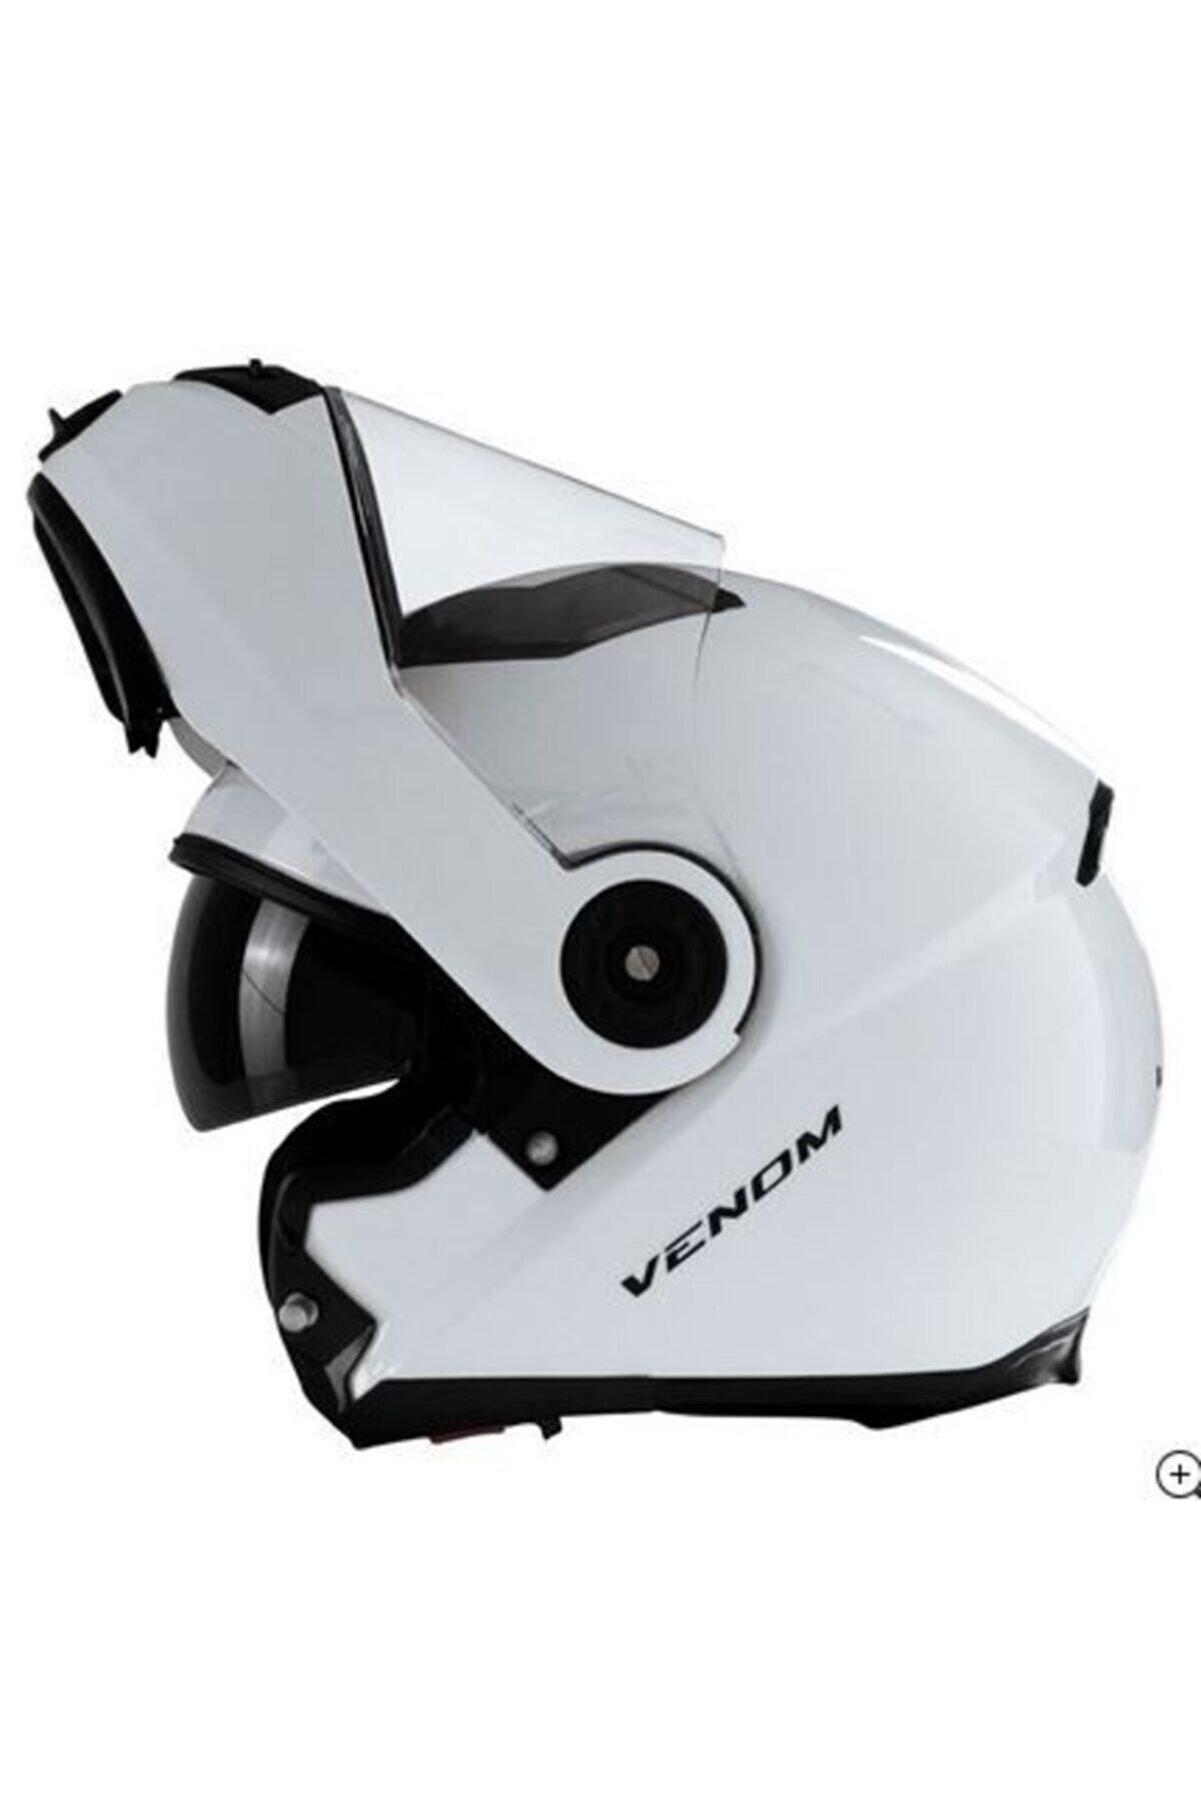 Venom Vf370 Çene Açılır Motosiklet Kaskı